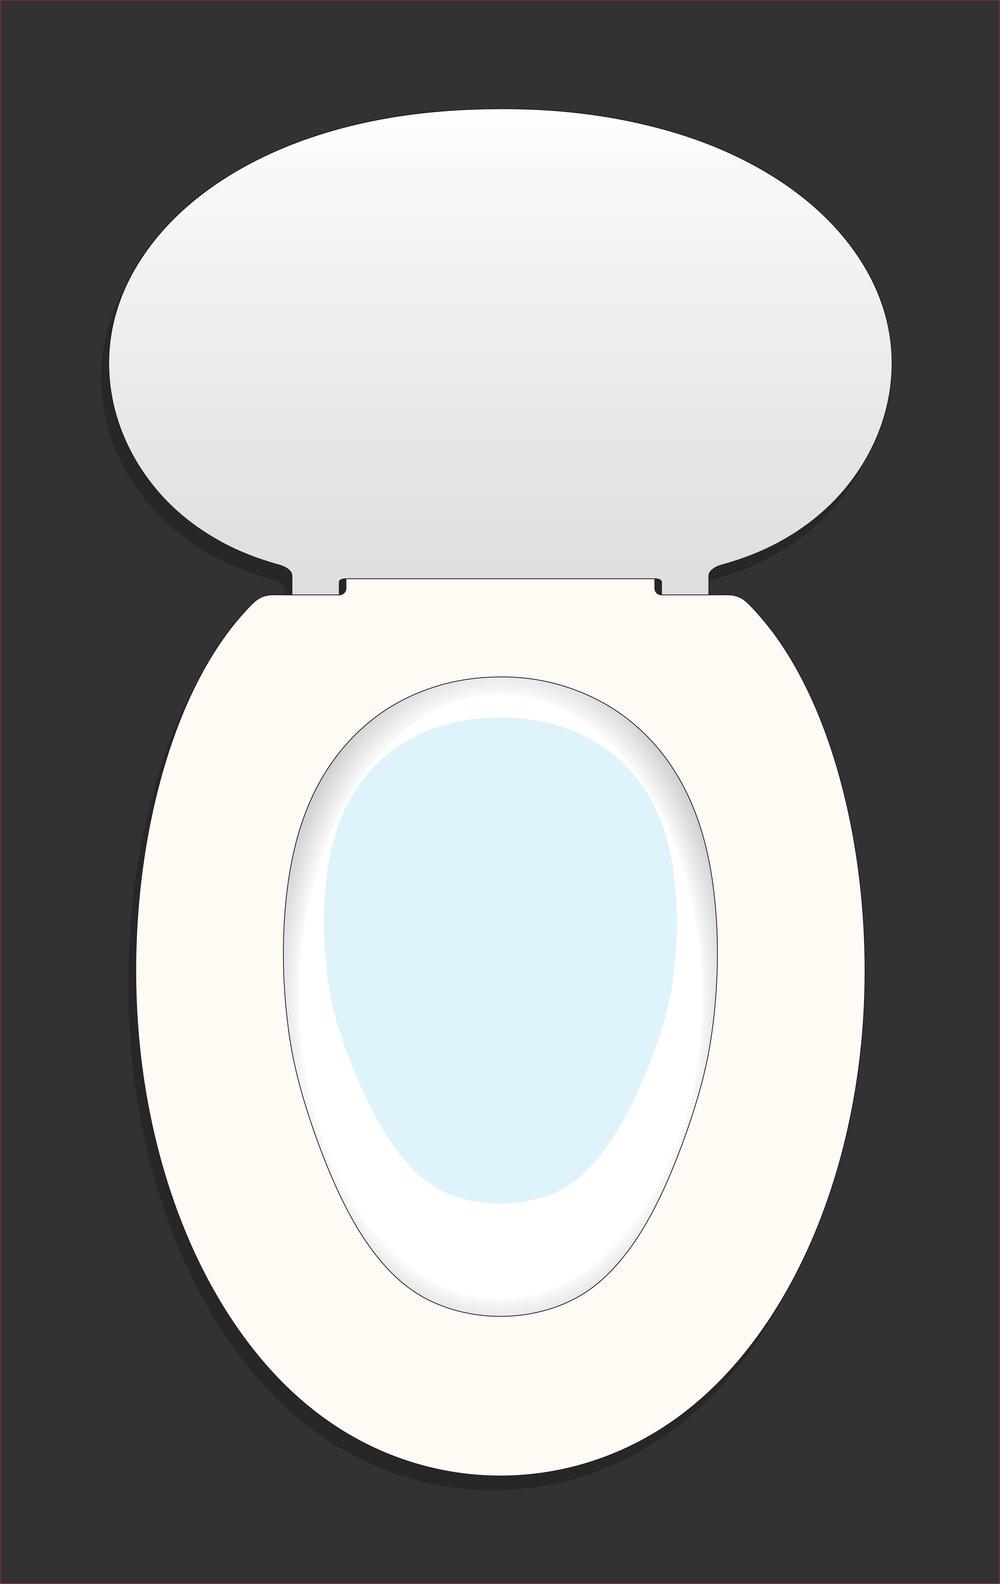 poop4.jpg